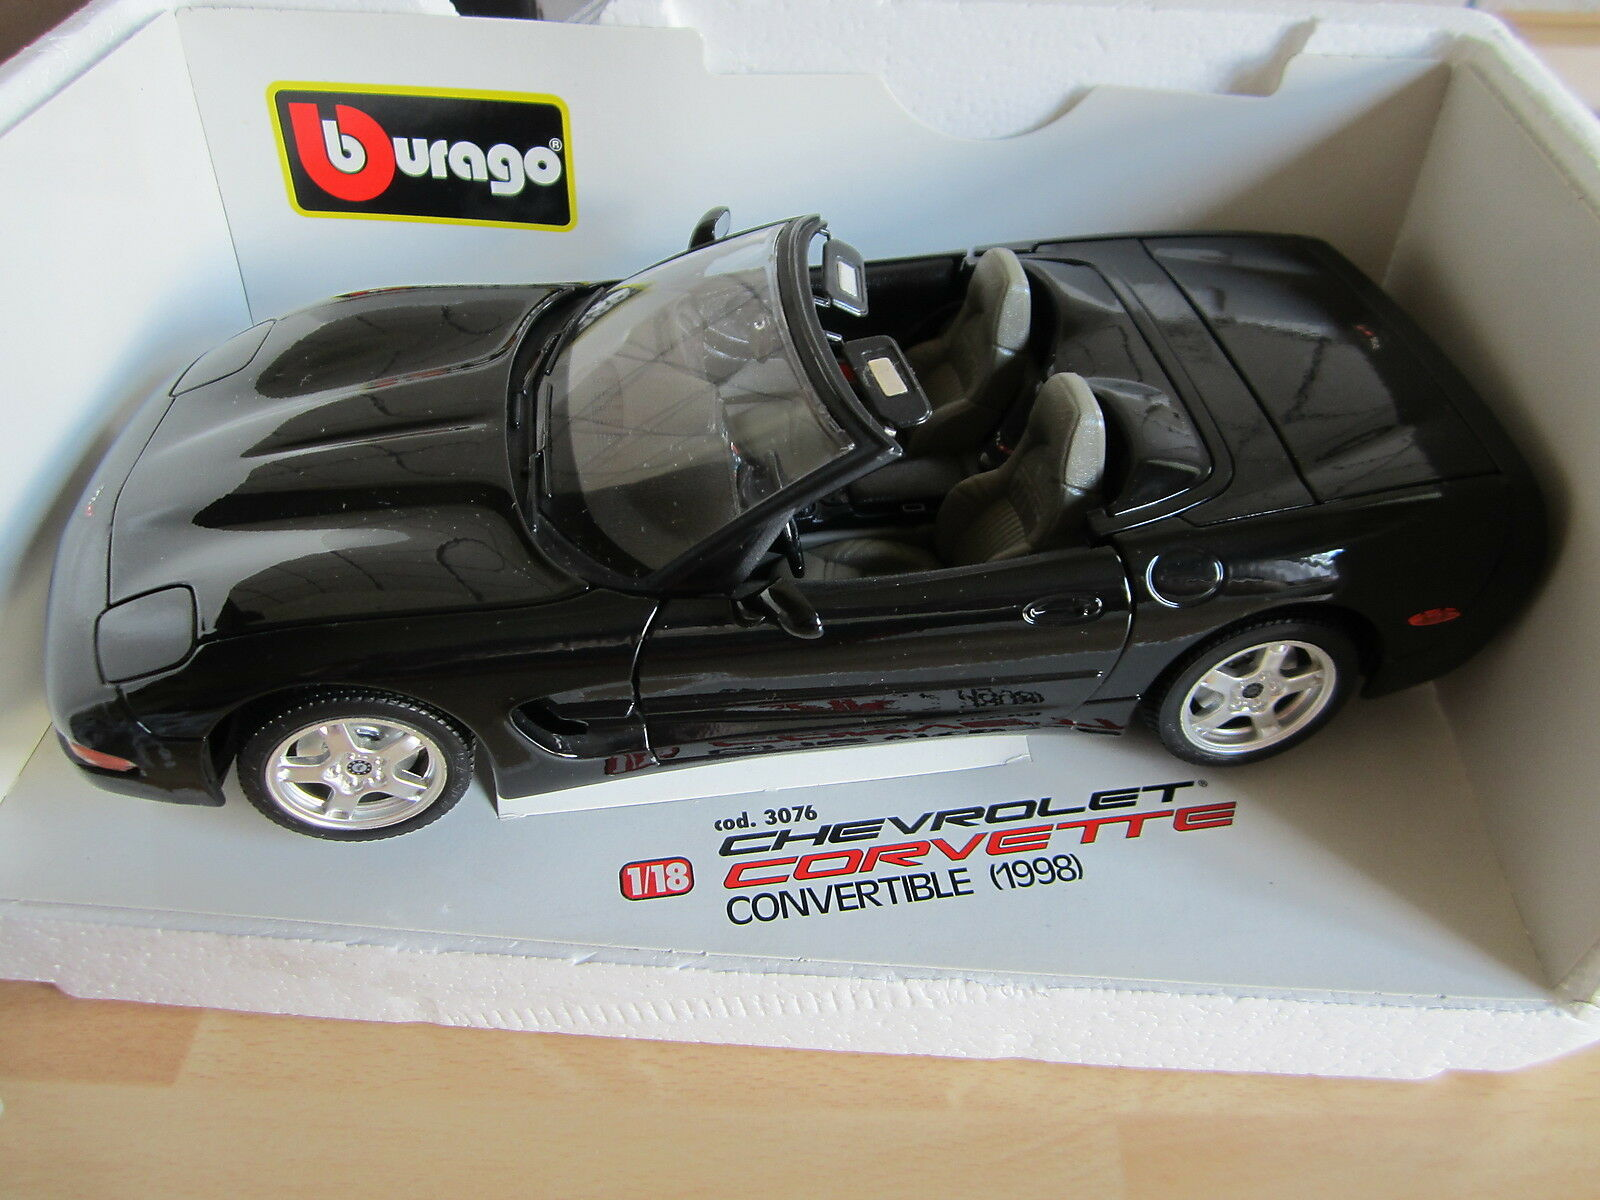 BURAGO 3076 Modèle voiture Chevrolet Corvette Convertible 1998 metallspritzguß